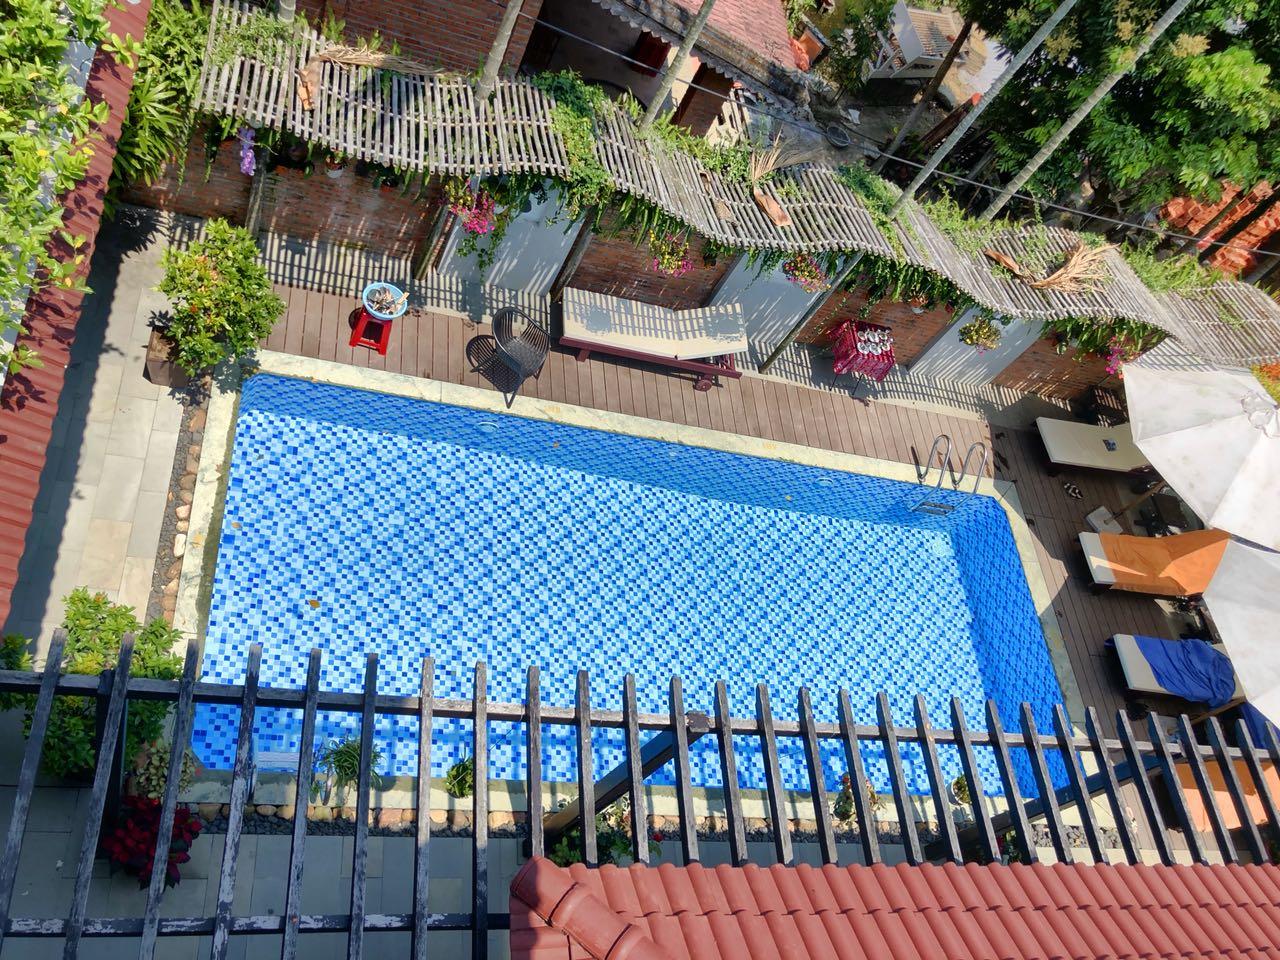 Blick auf den Pool von oben, Serene River Villa, Hoi An, Vietnam